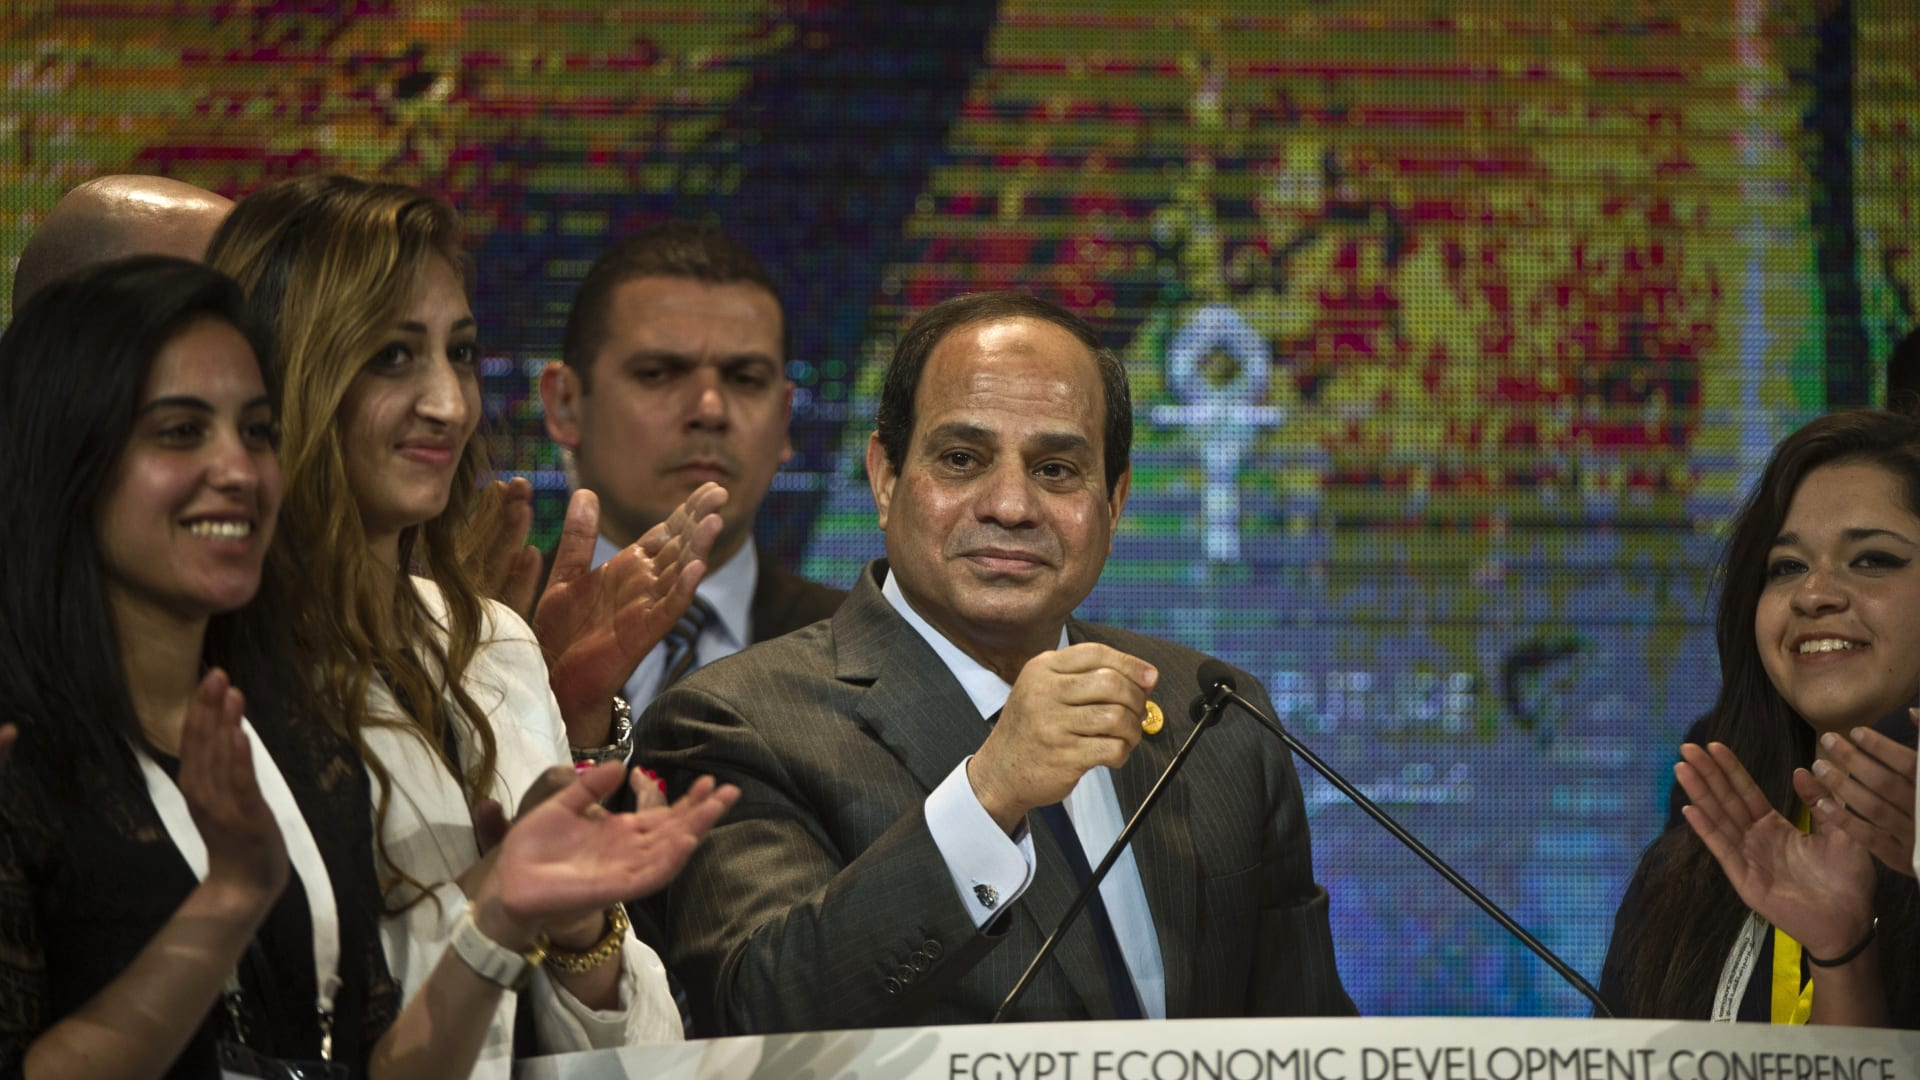 صورة أرشيفية للرئيس السيسي في مؤتمر دعم وتنمية الاقتصاد المصري 2015